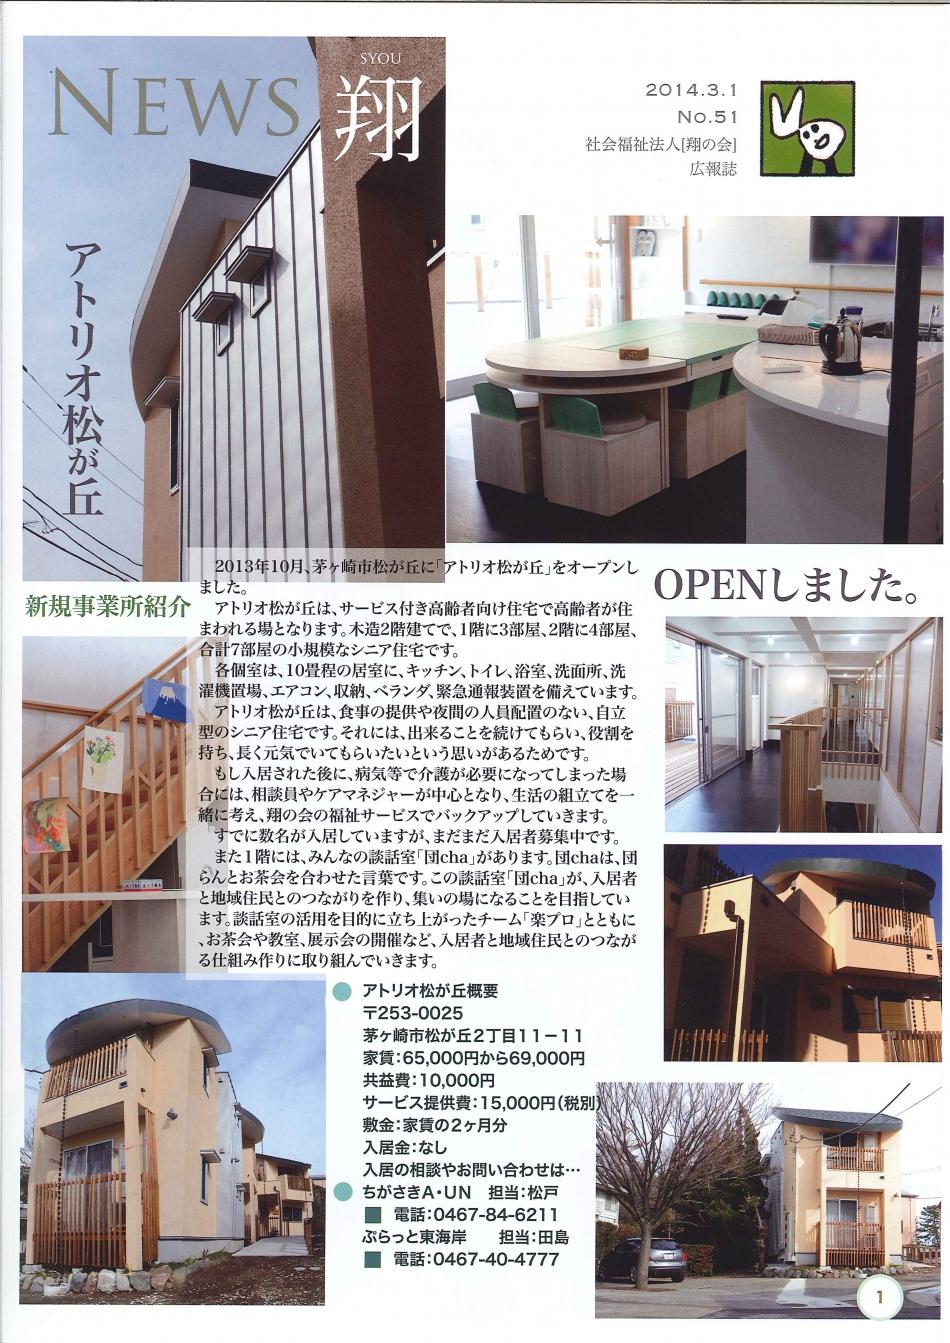 広報誌「NEWS翔」51号